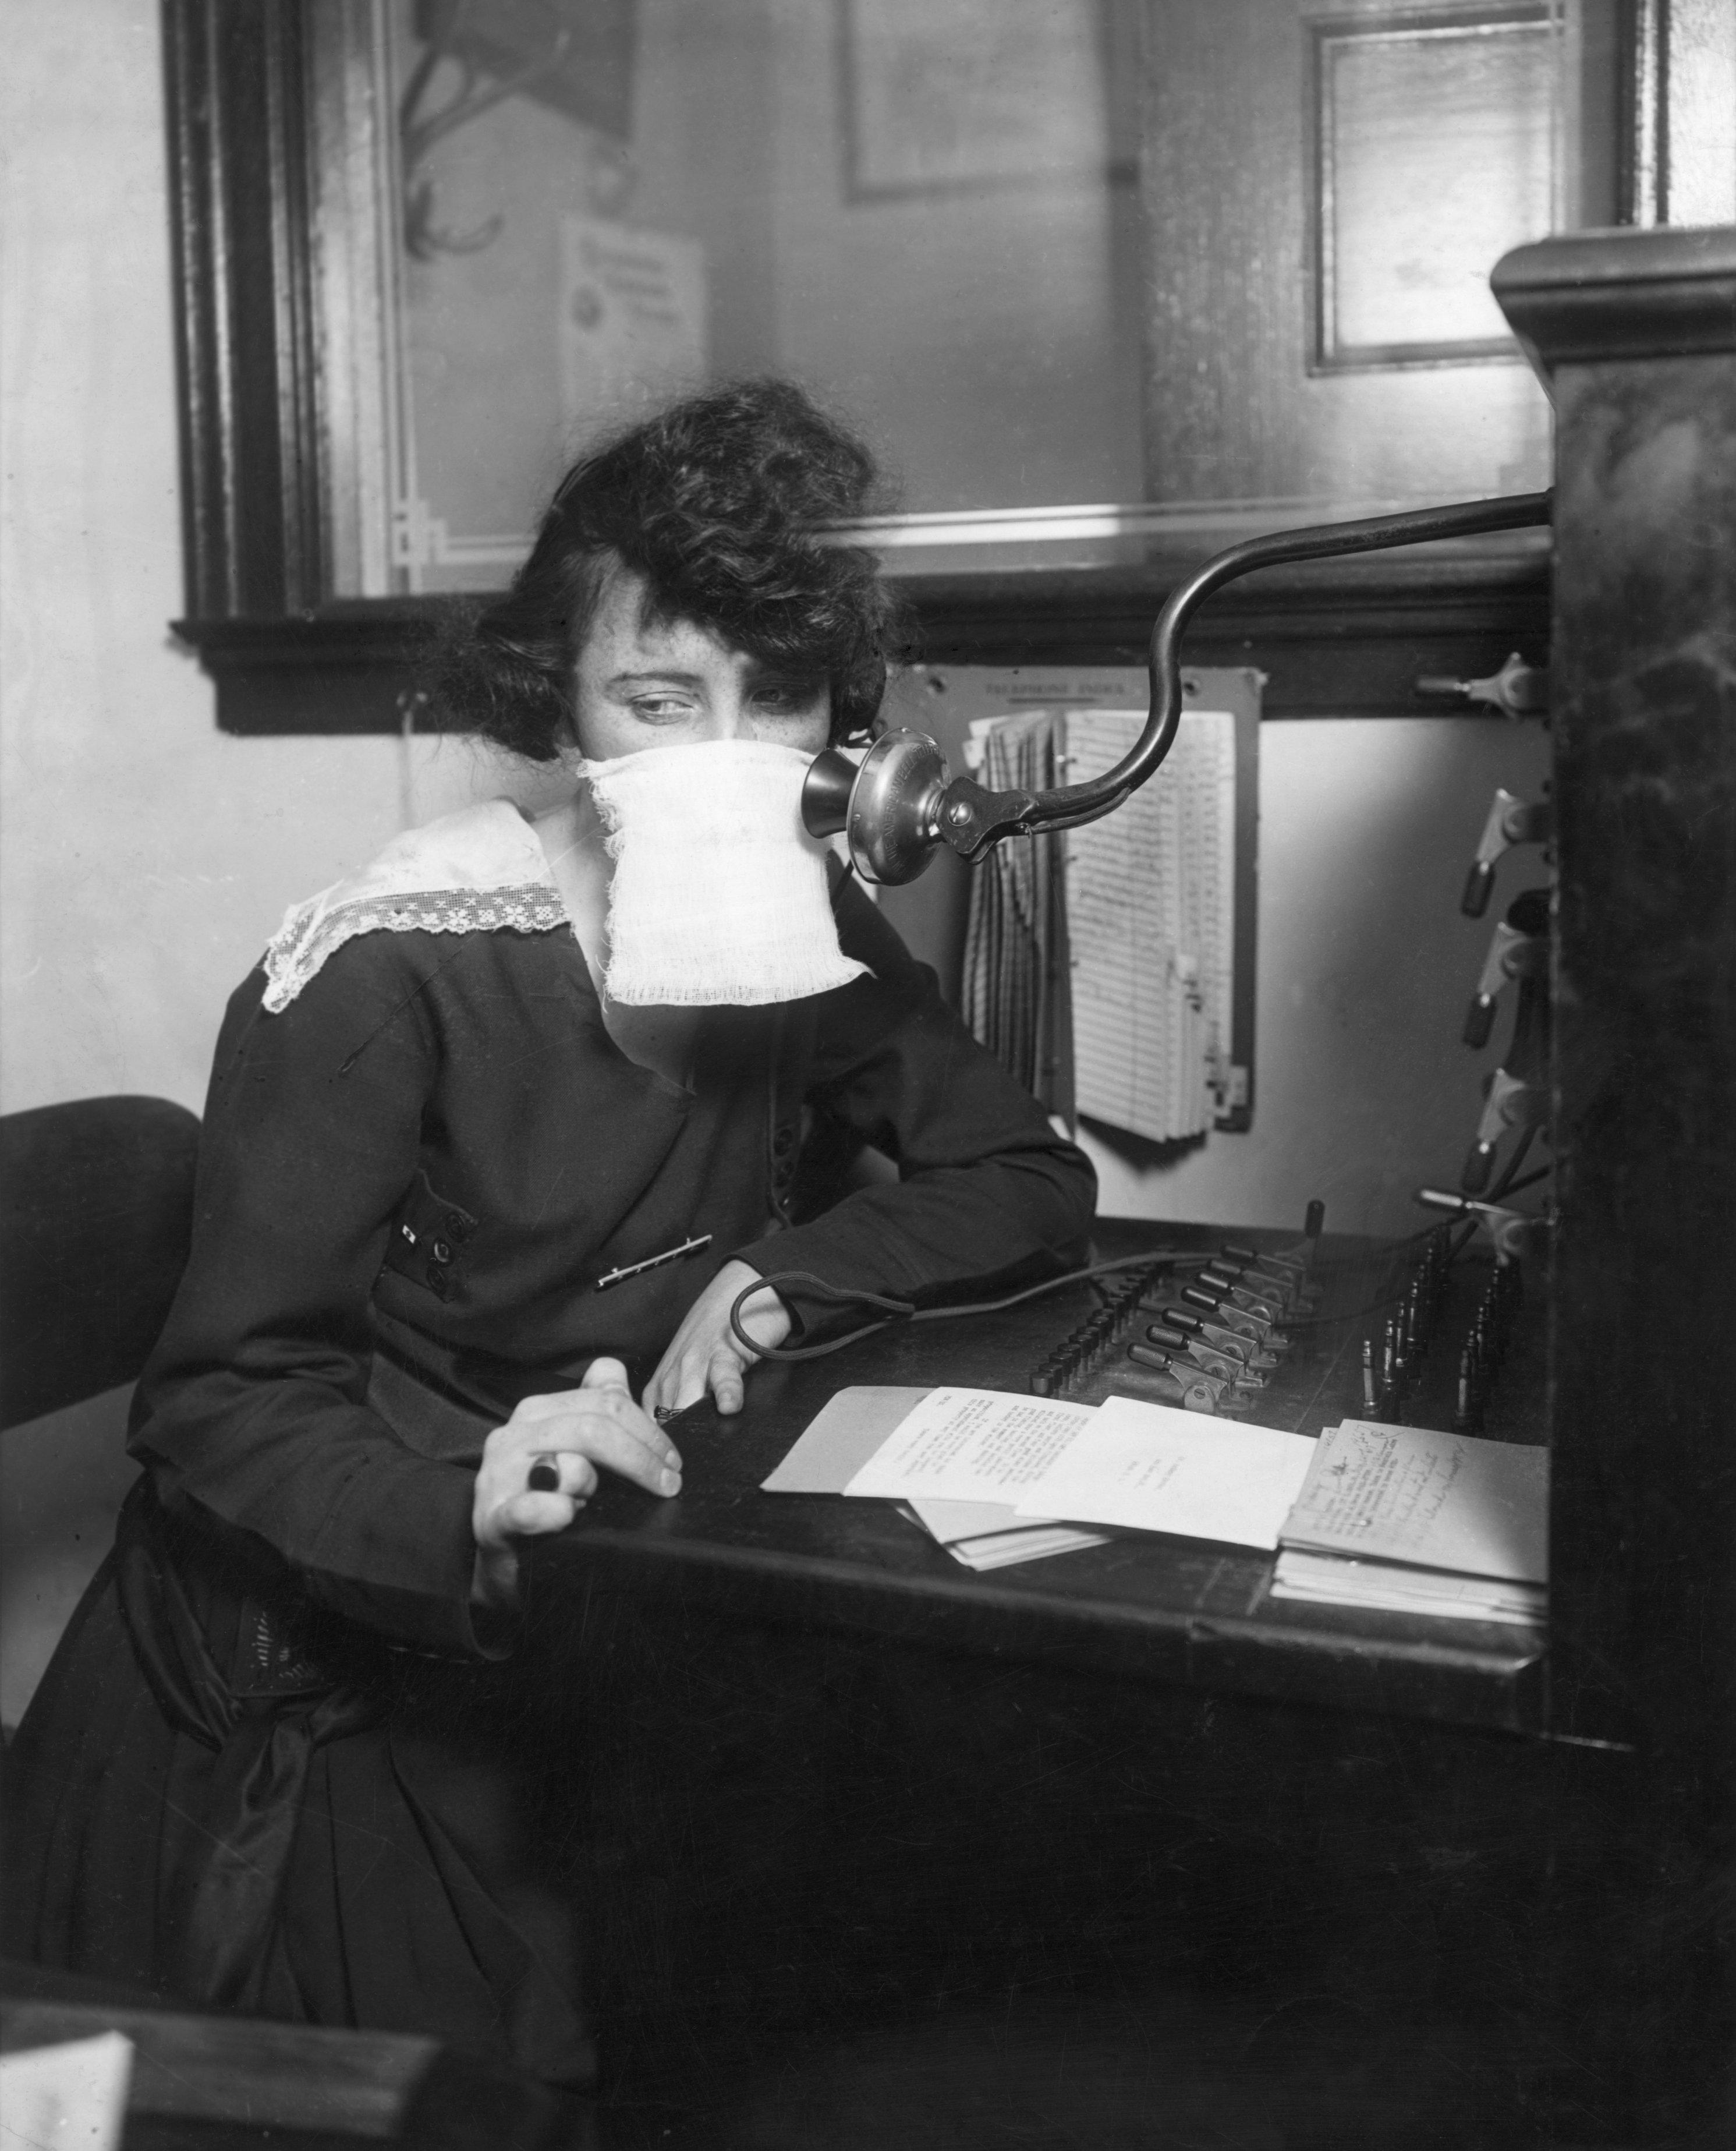 Çalışırken maske takan bir telefon operatörü.